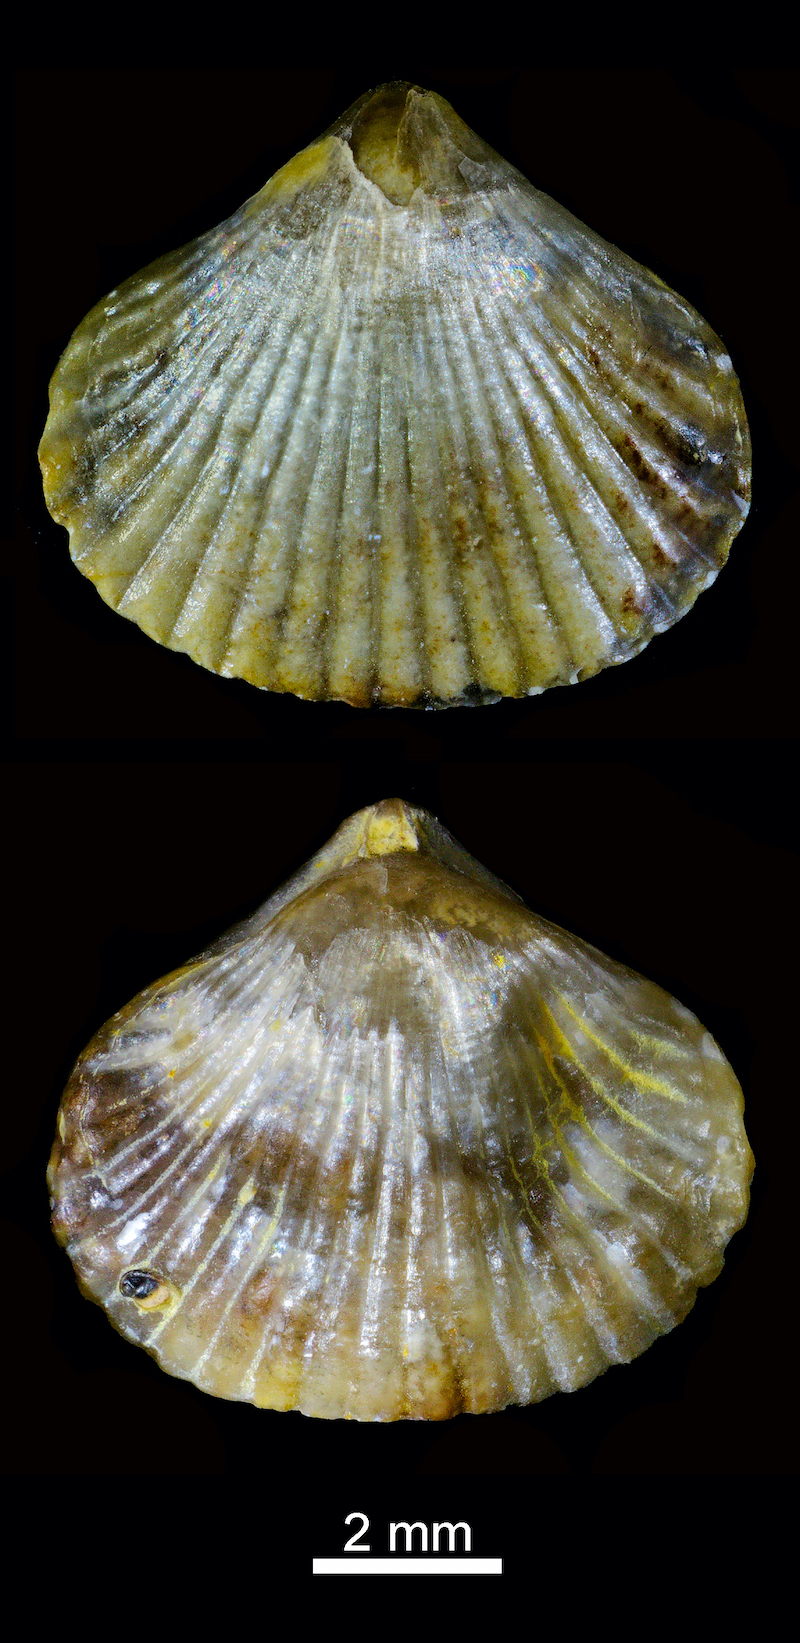 Braquiópodo del orden Rhynchonellida del Jurásico inferior (unos 200 millones de años) de Guadalajara. Imagen: Gabriel Castilla.